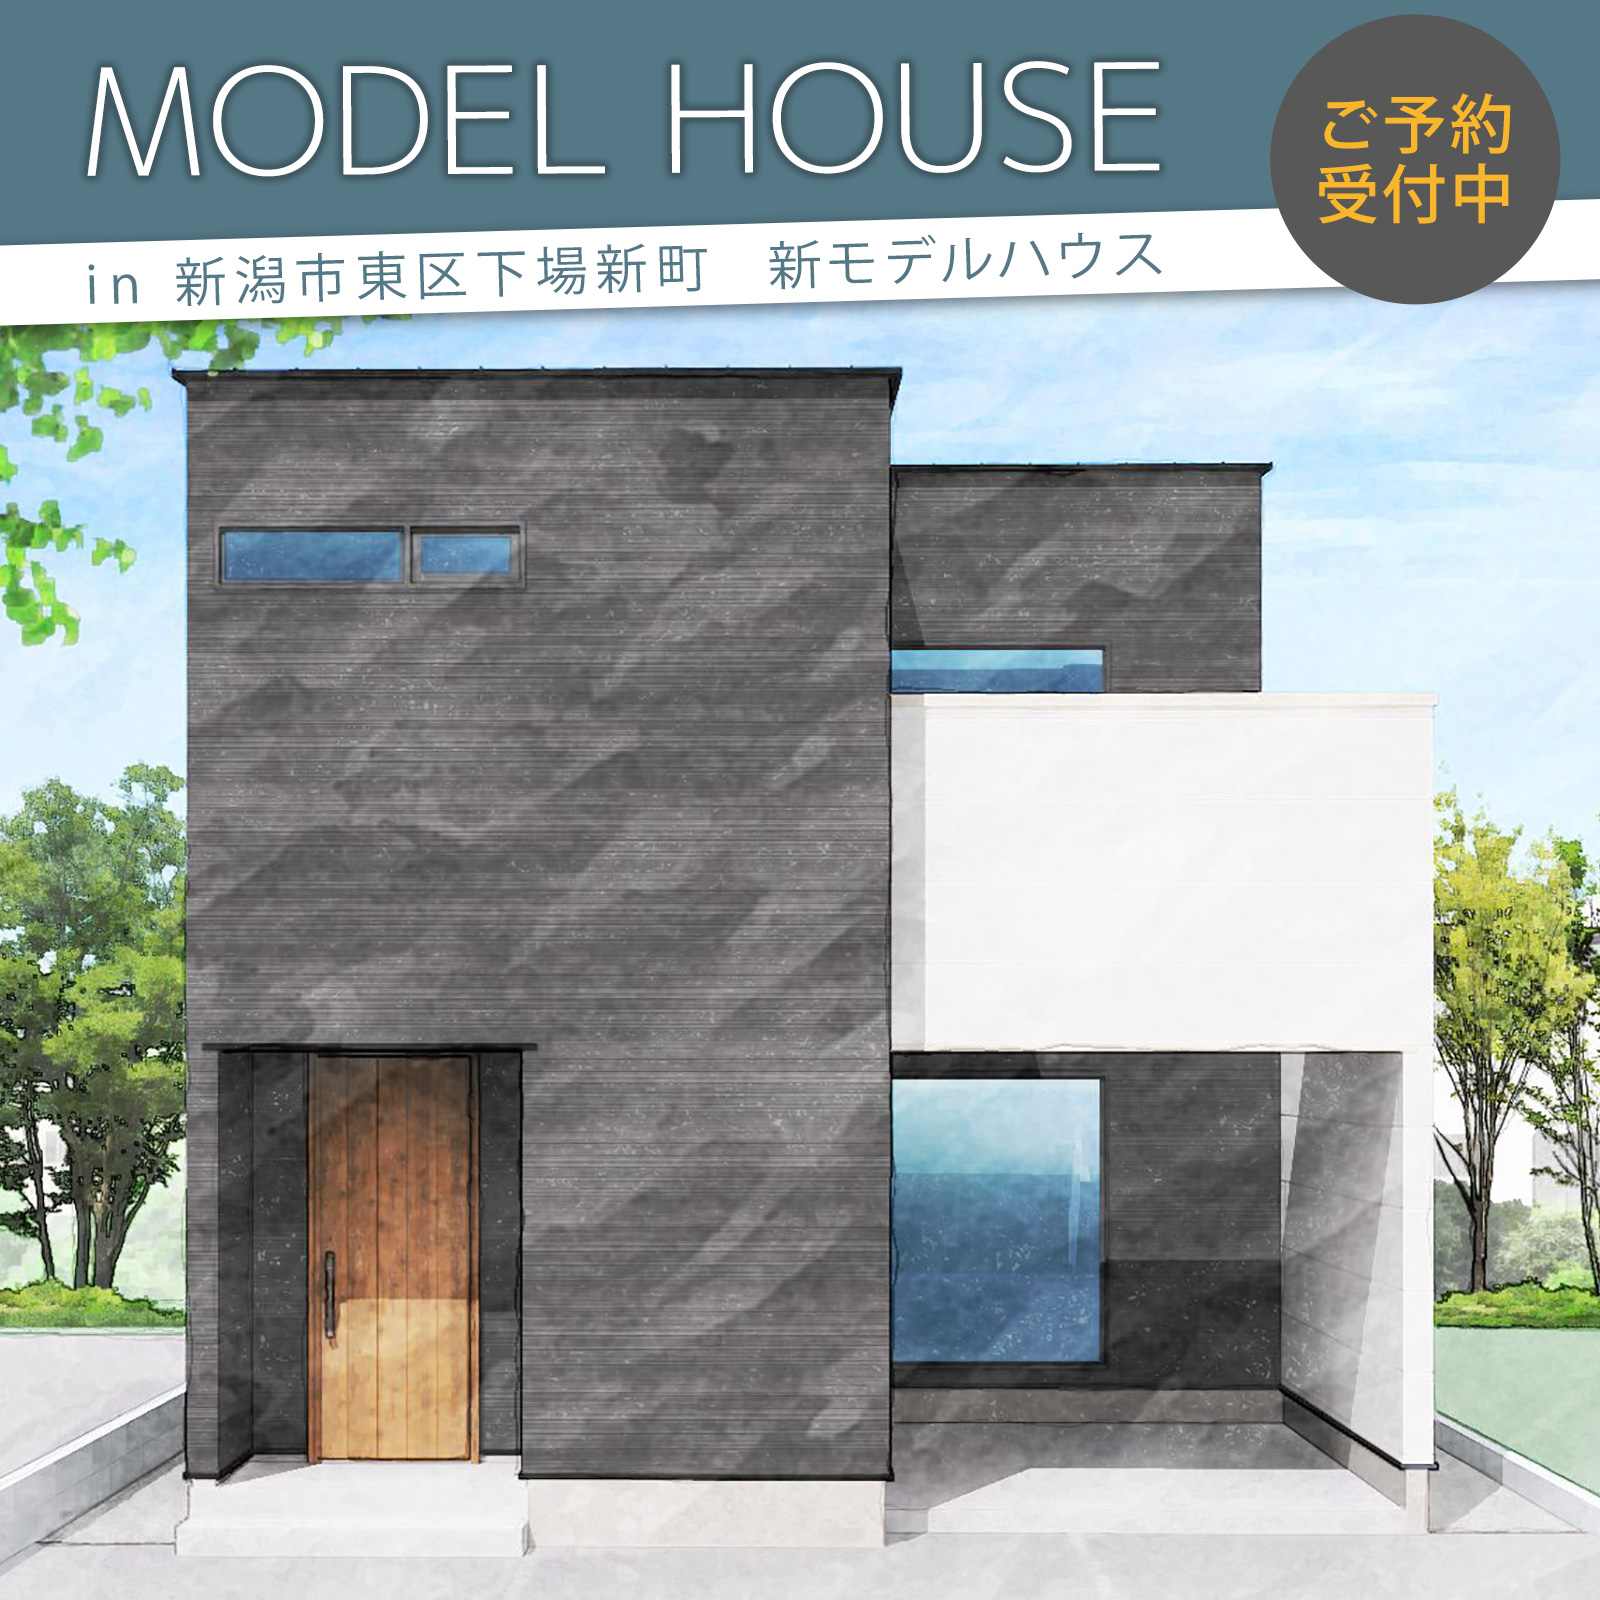 下場新町モデルハウス予約受付中